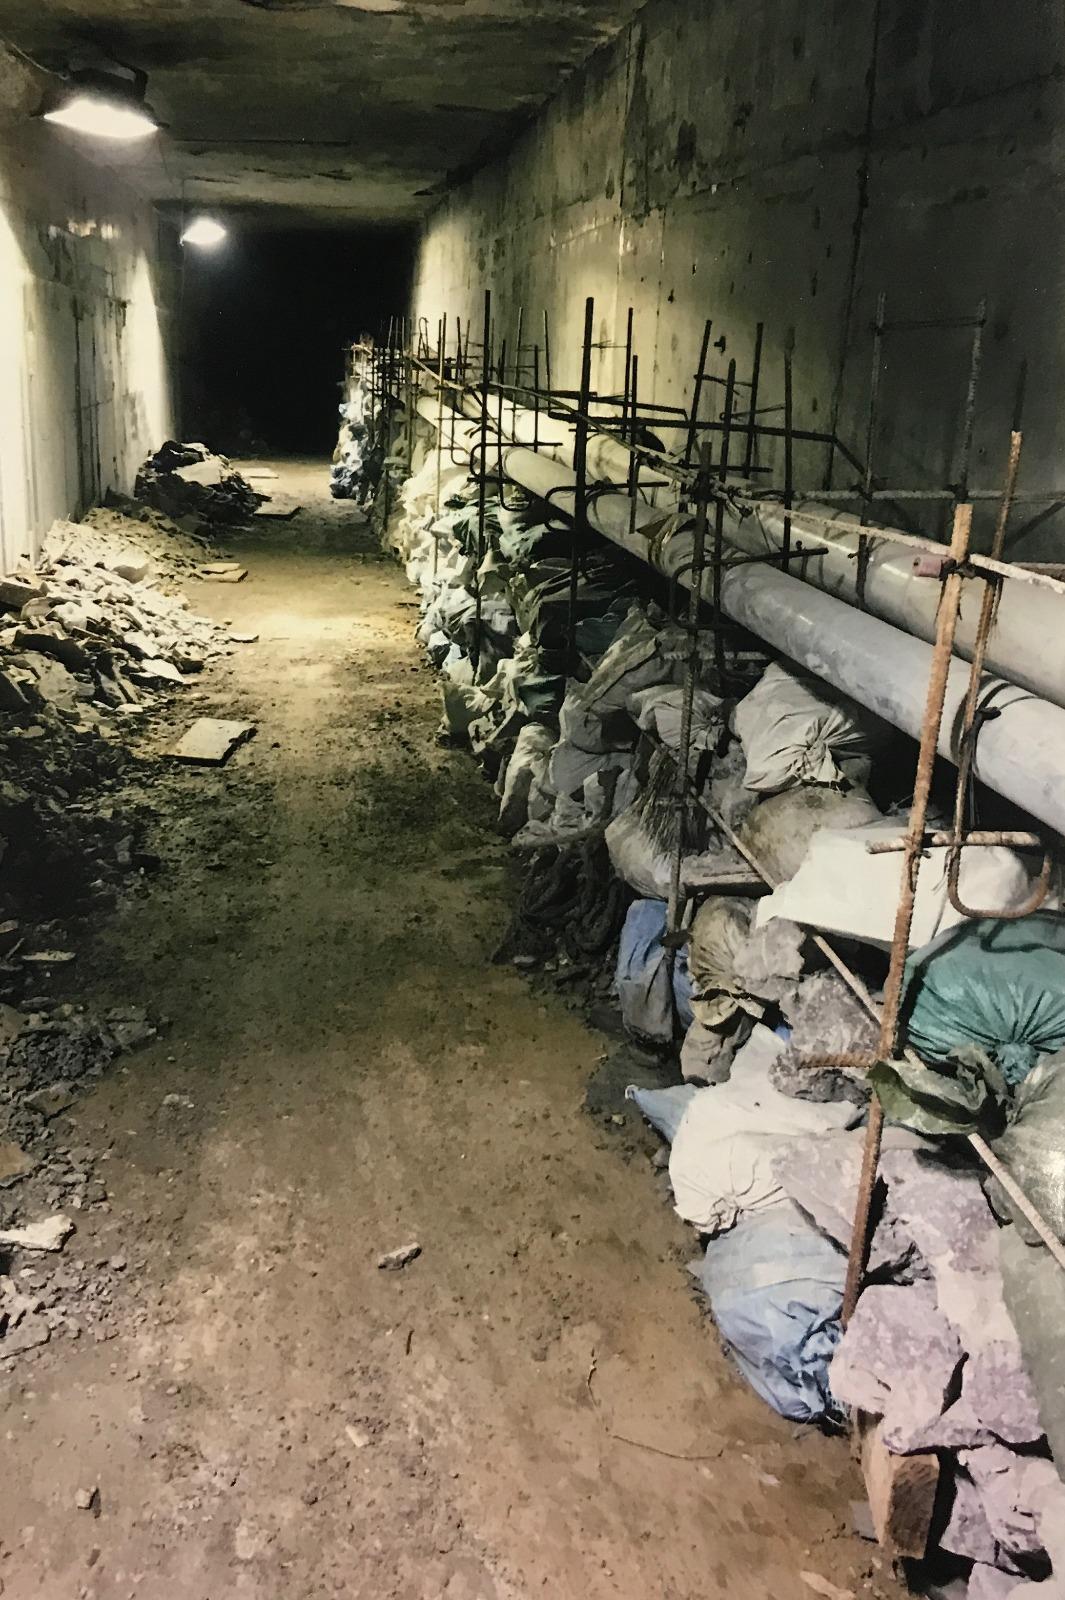 其中一張照片展示了土瓜灣站堆積的建築廢料。